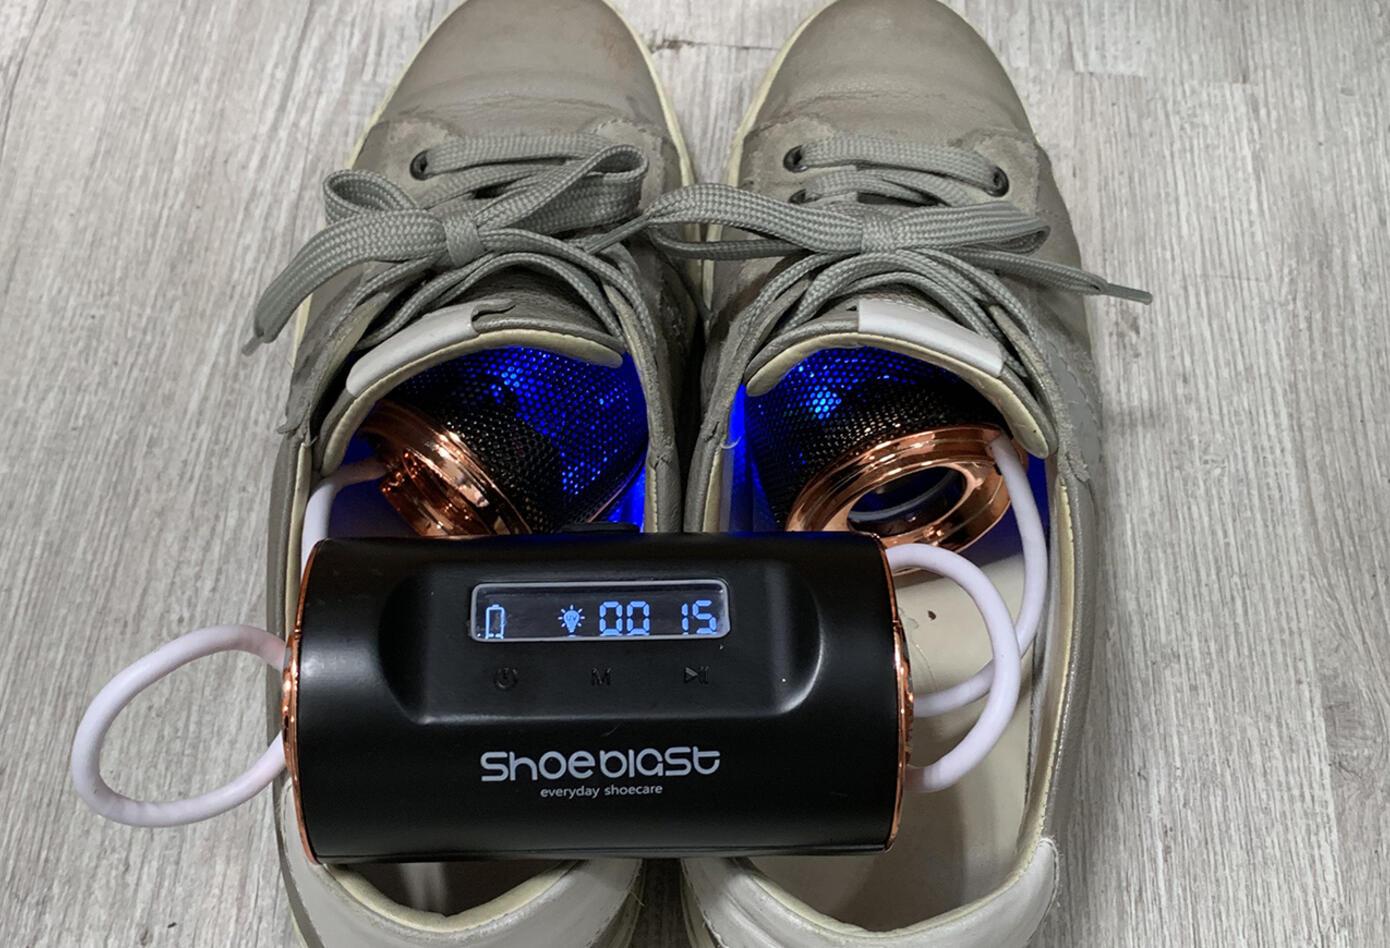 ShoeBlast elimina malos olores en tenis